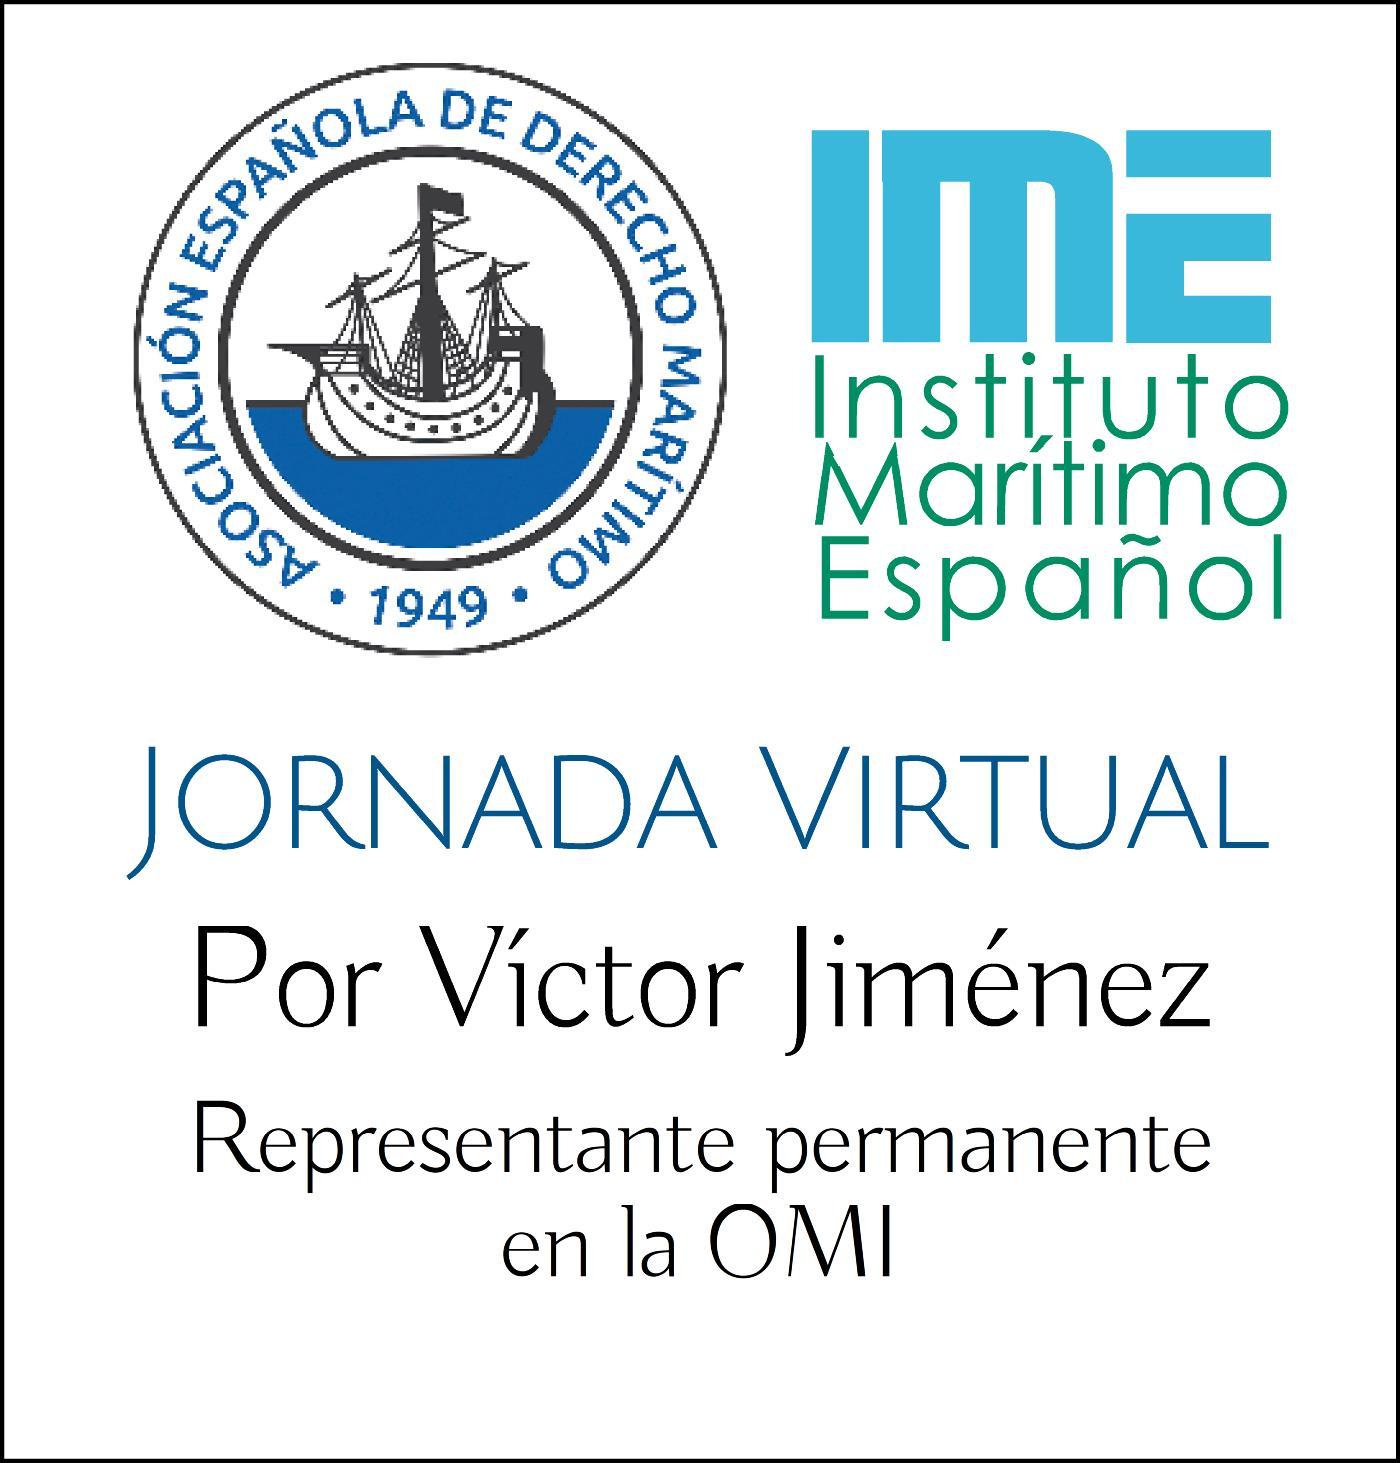 Jornada Virtual de la Asociación Española de Derecho Marítimo e IME